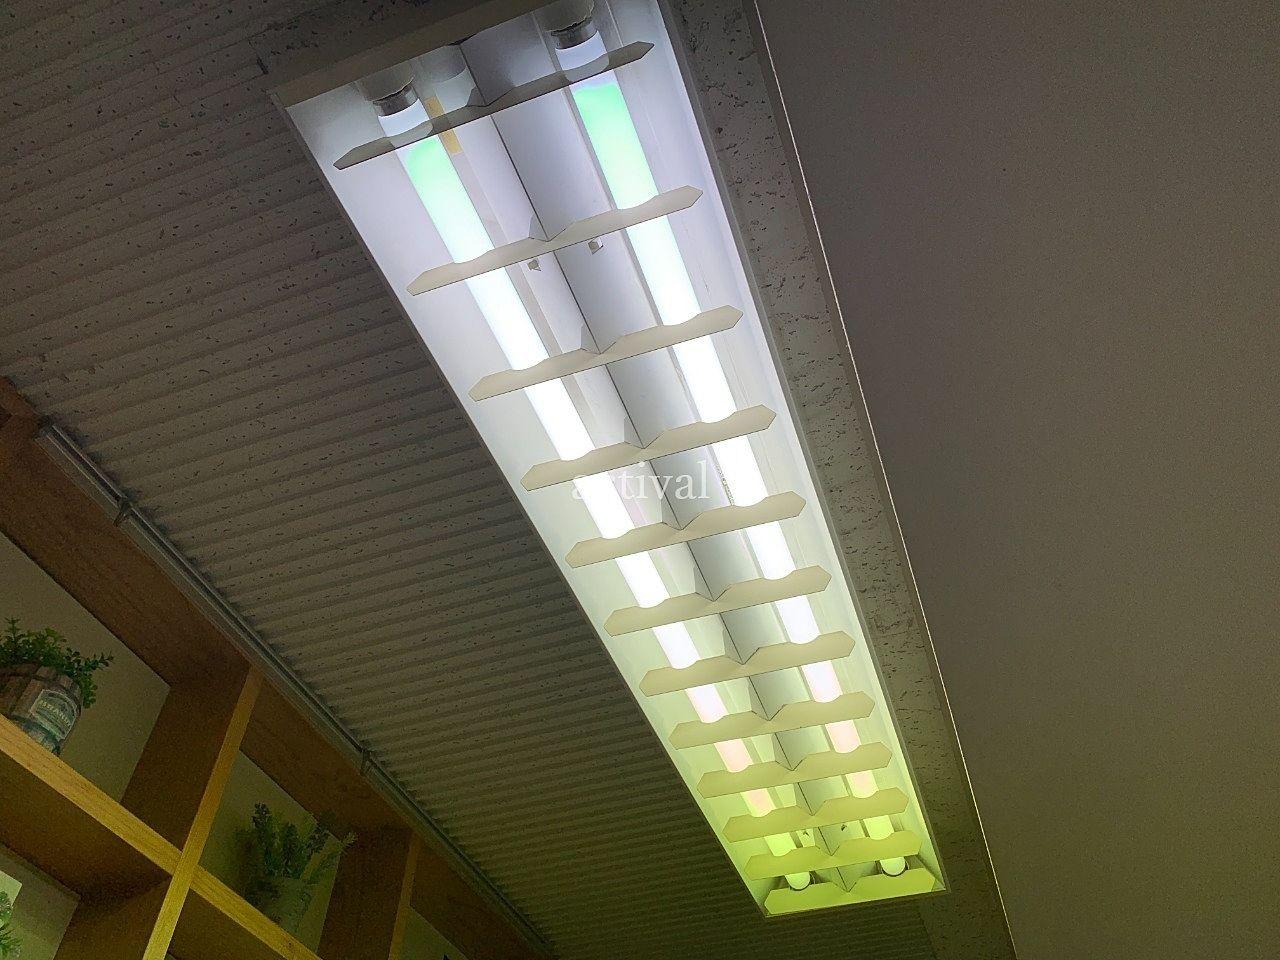 ア・ス・ヴェルデ管理事務所の蛍光灯交換です。